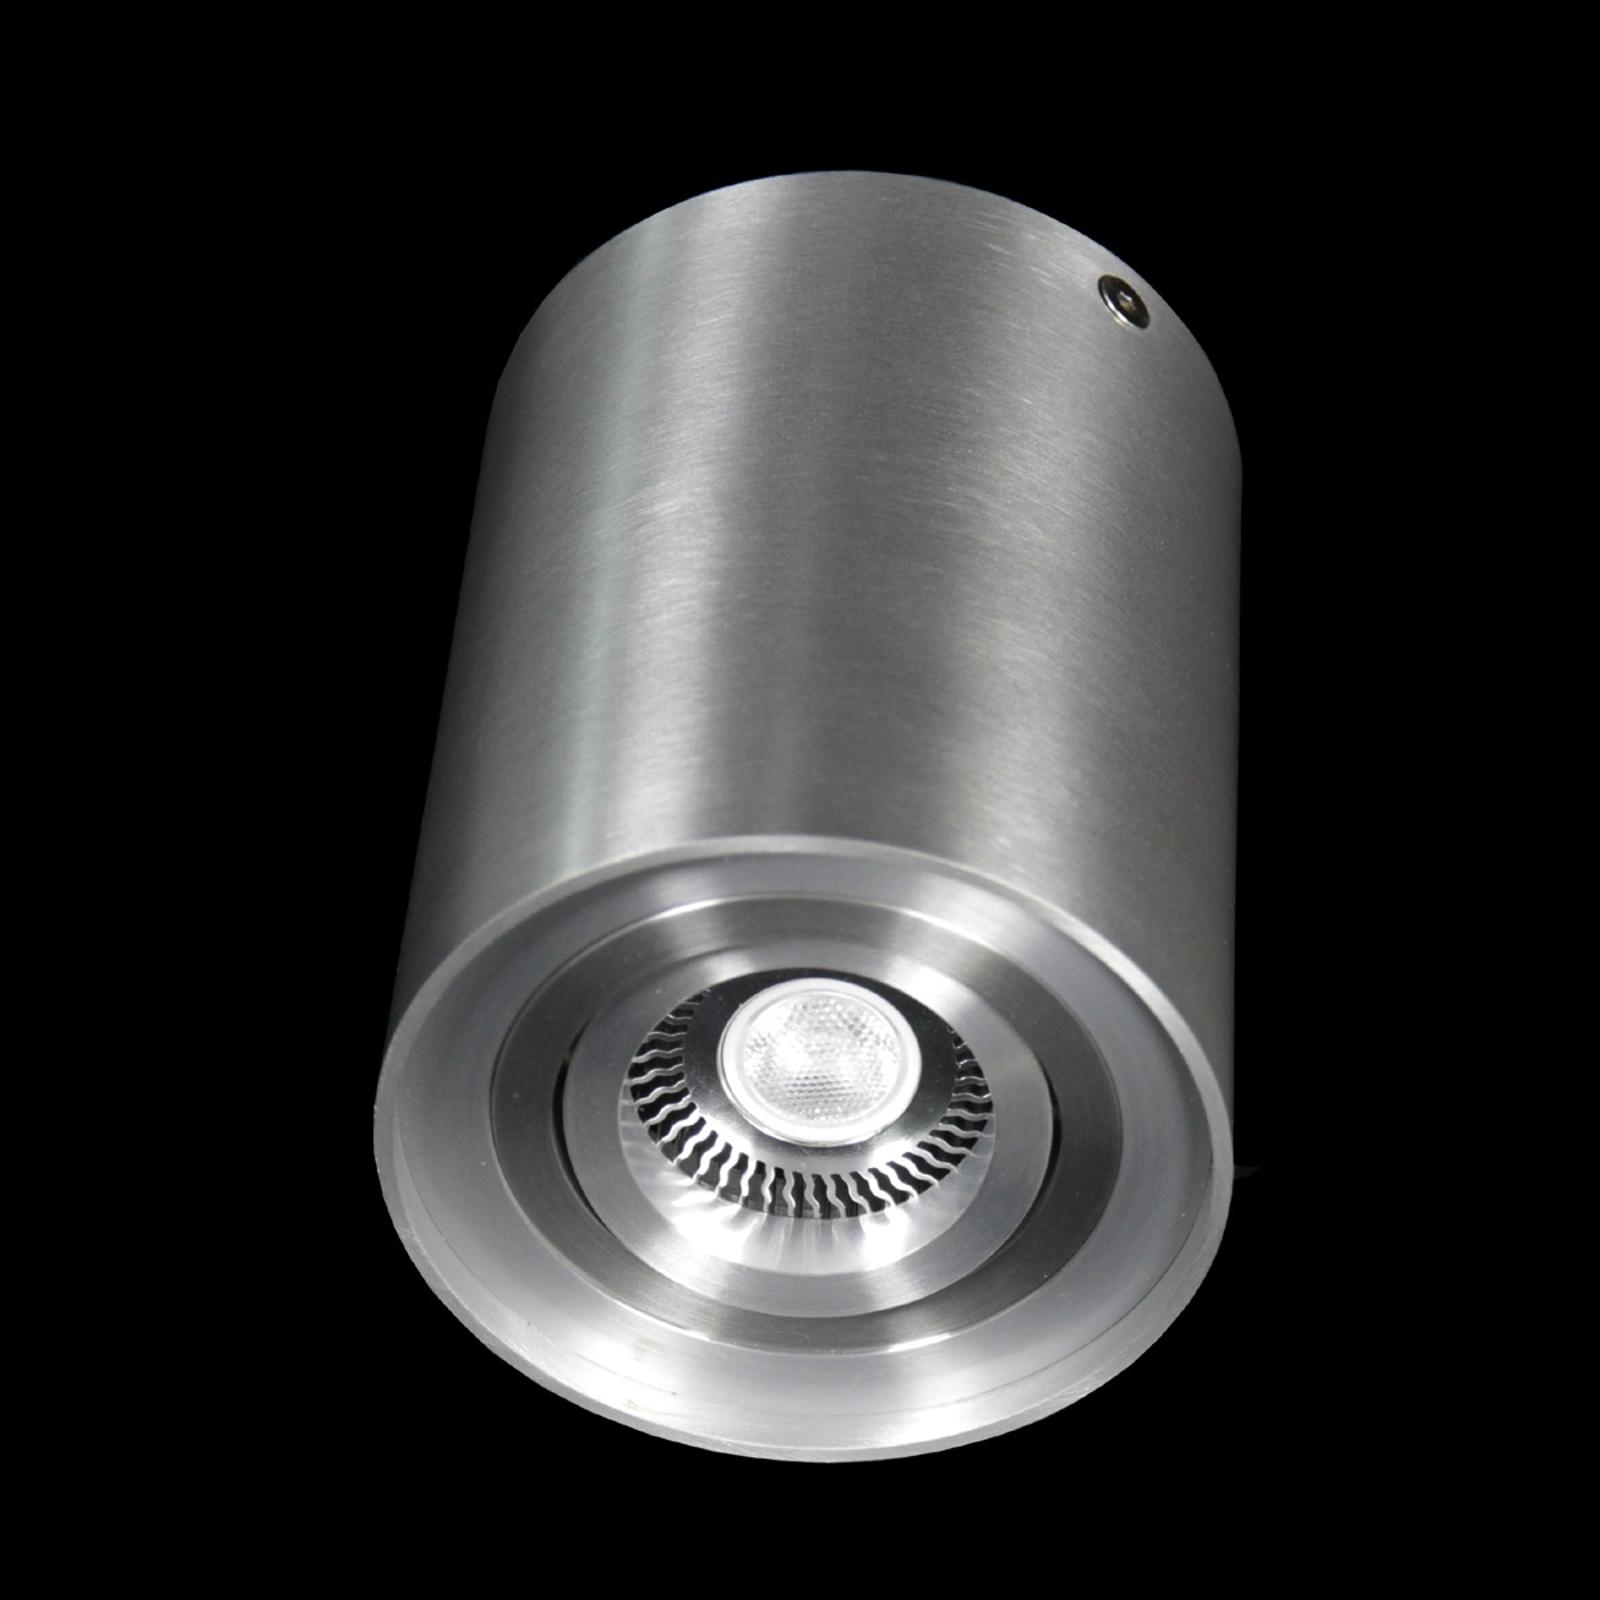 Pyöreä SUSA-LED-kattovalaisin